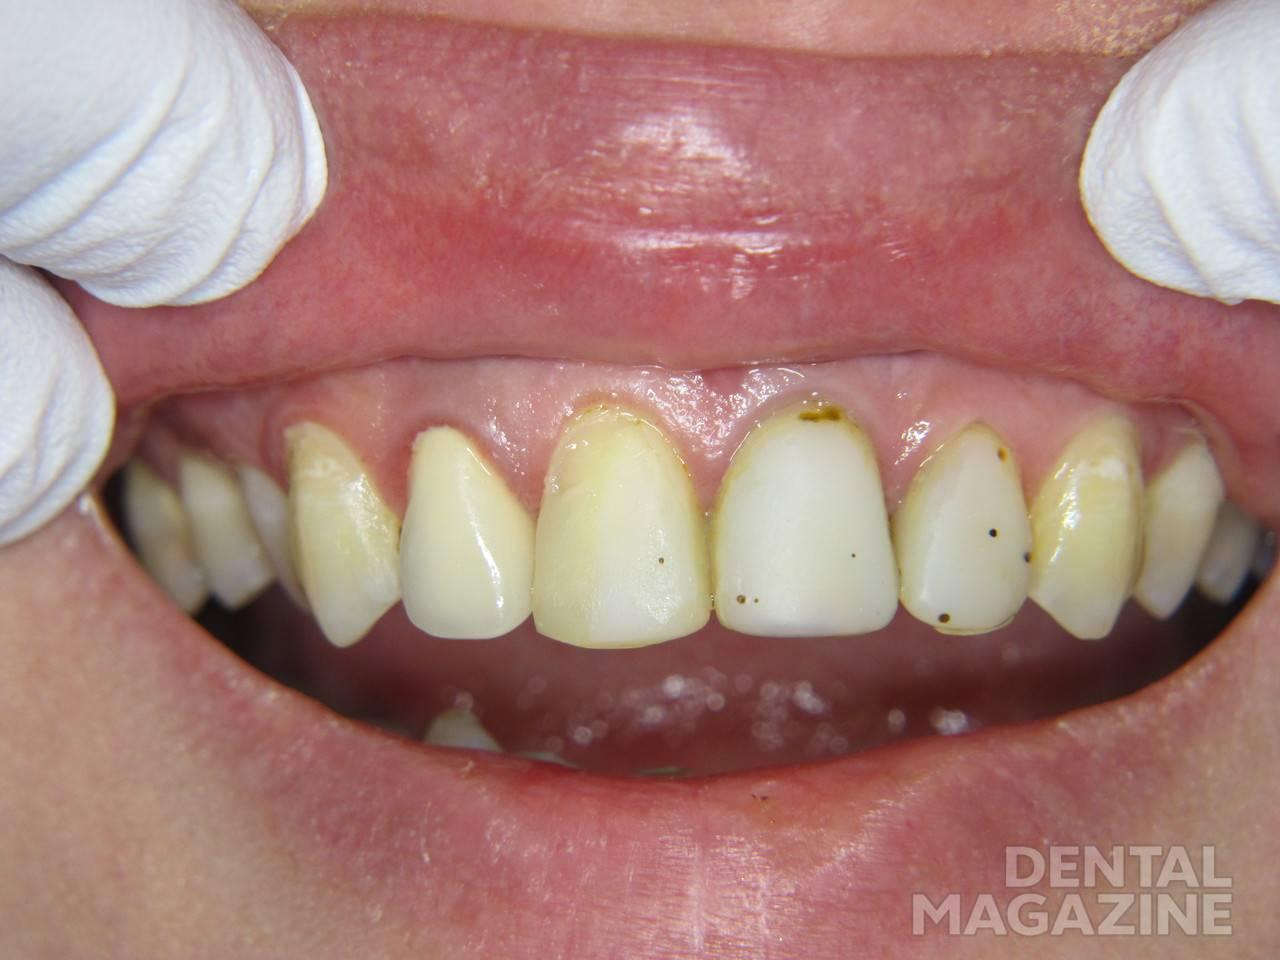 Рис. 1. Зубы 1.1, 2.1 и 2.2: исходная ситуация.